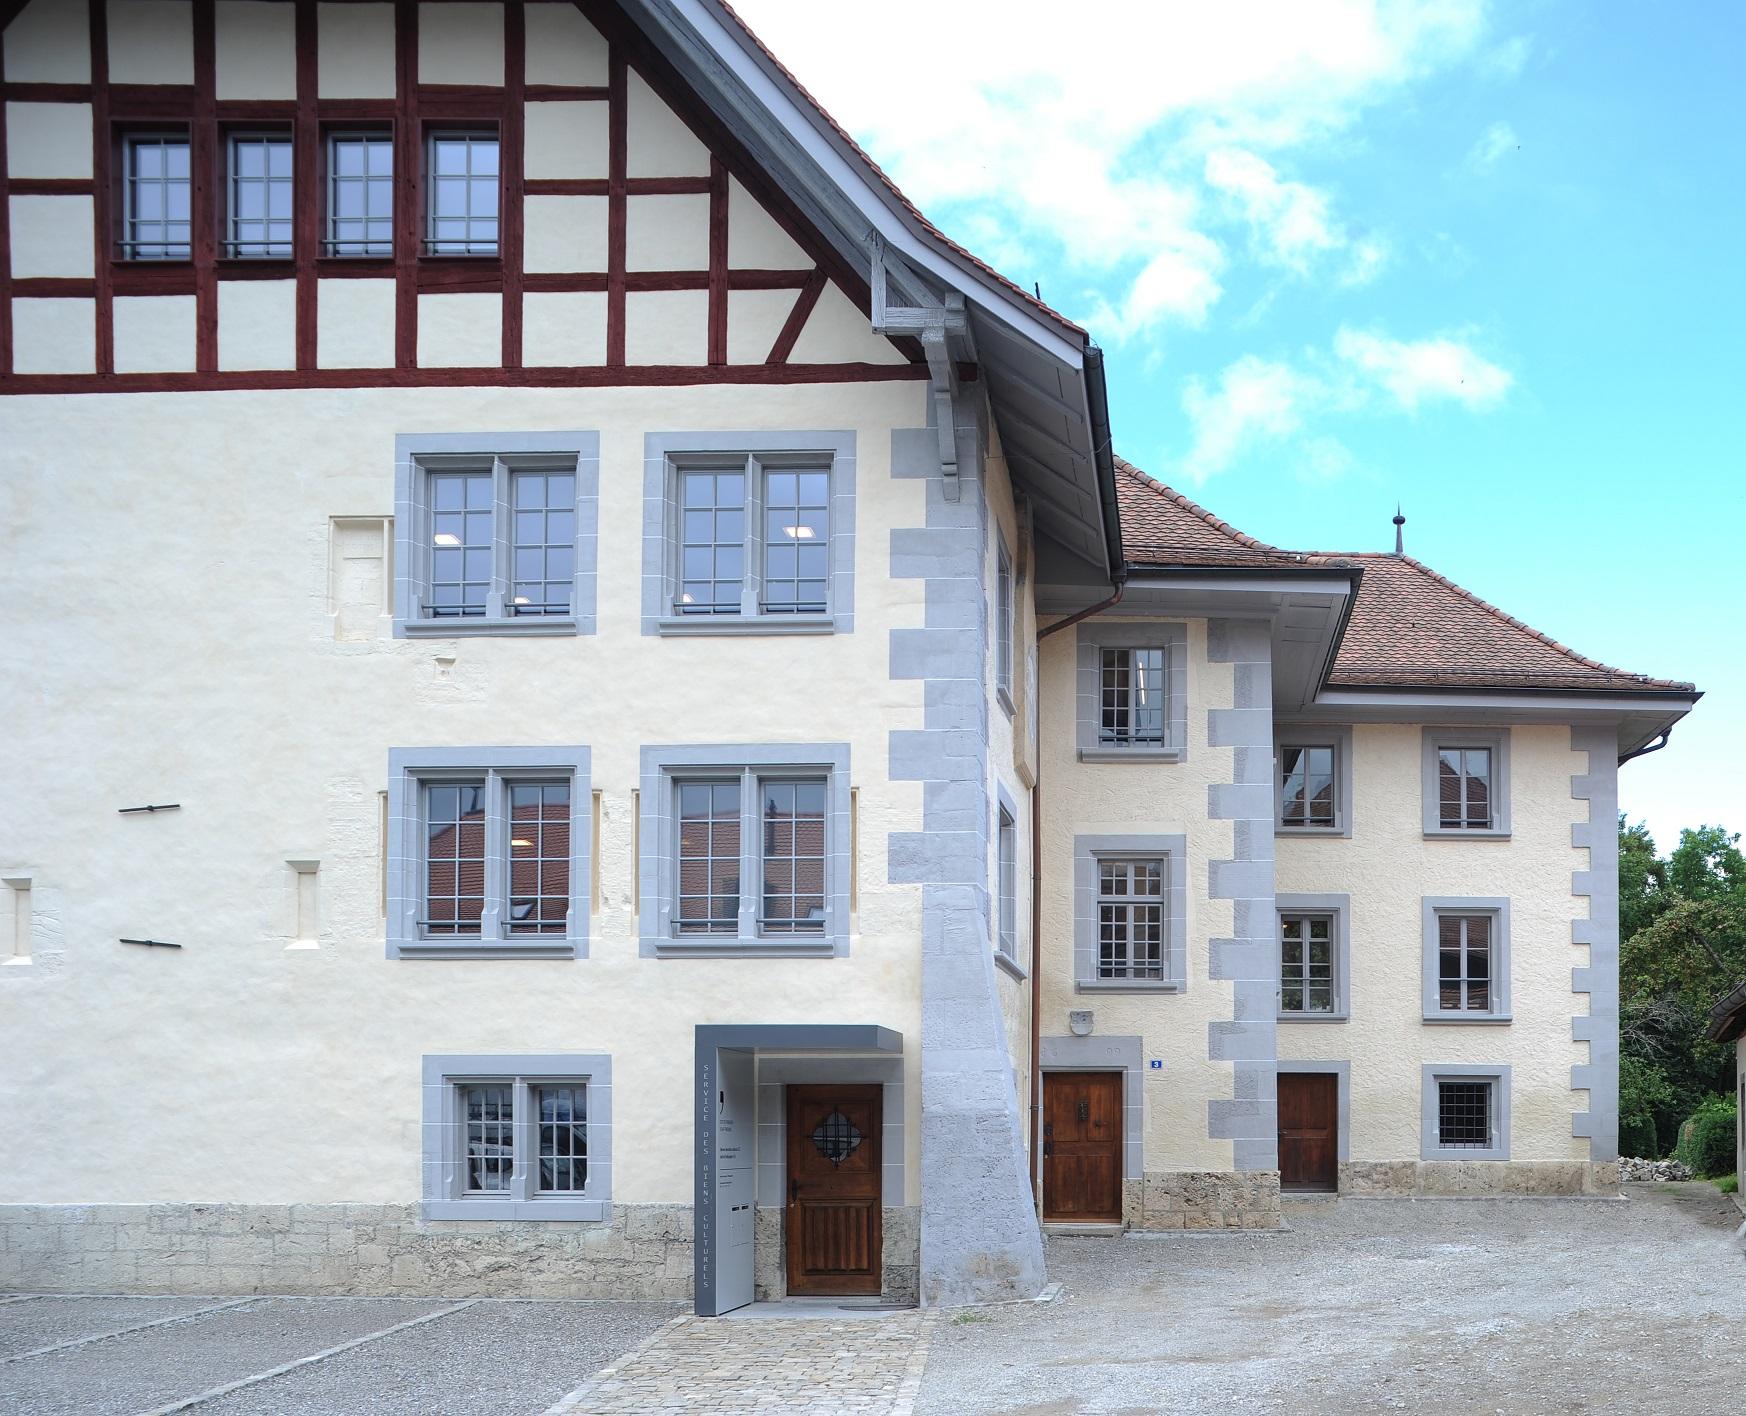 Entrée du Service des biens culturels, Planche Supérieure 3, 1700 Fribourg